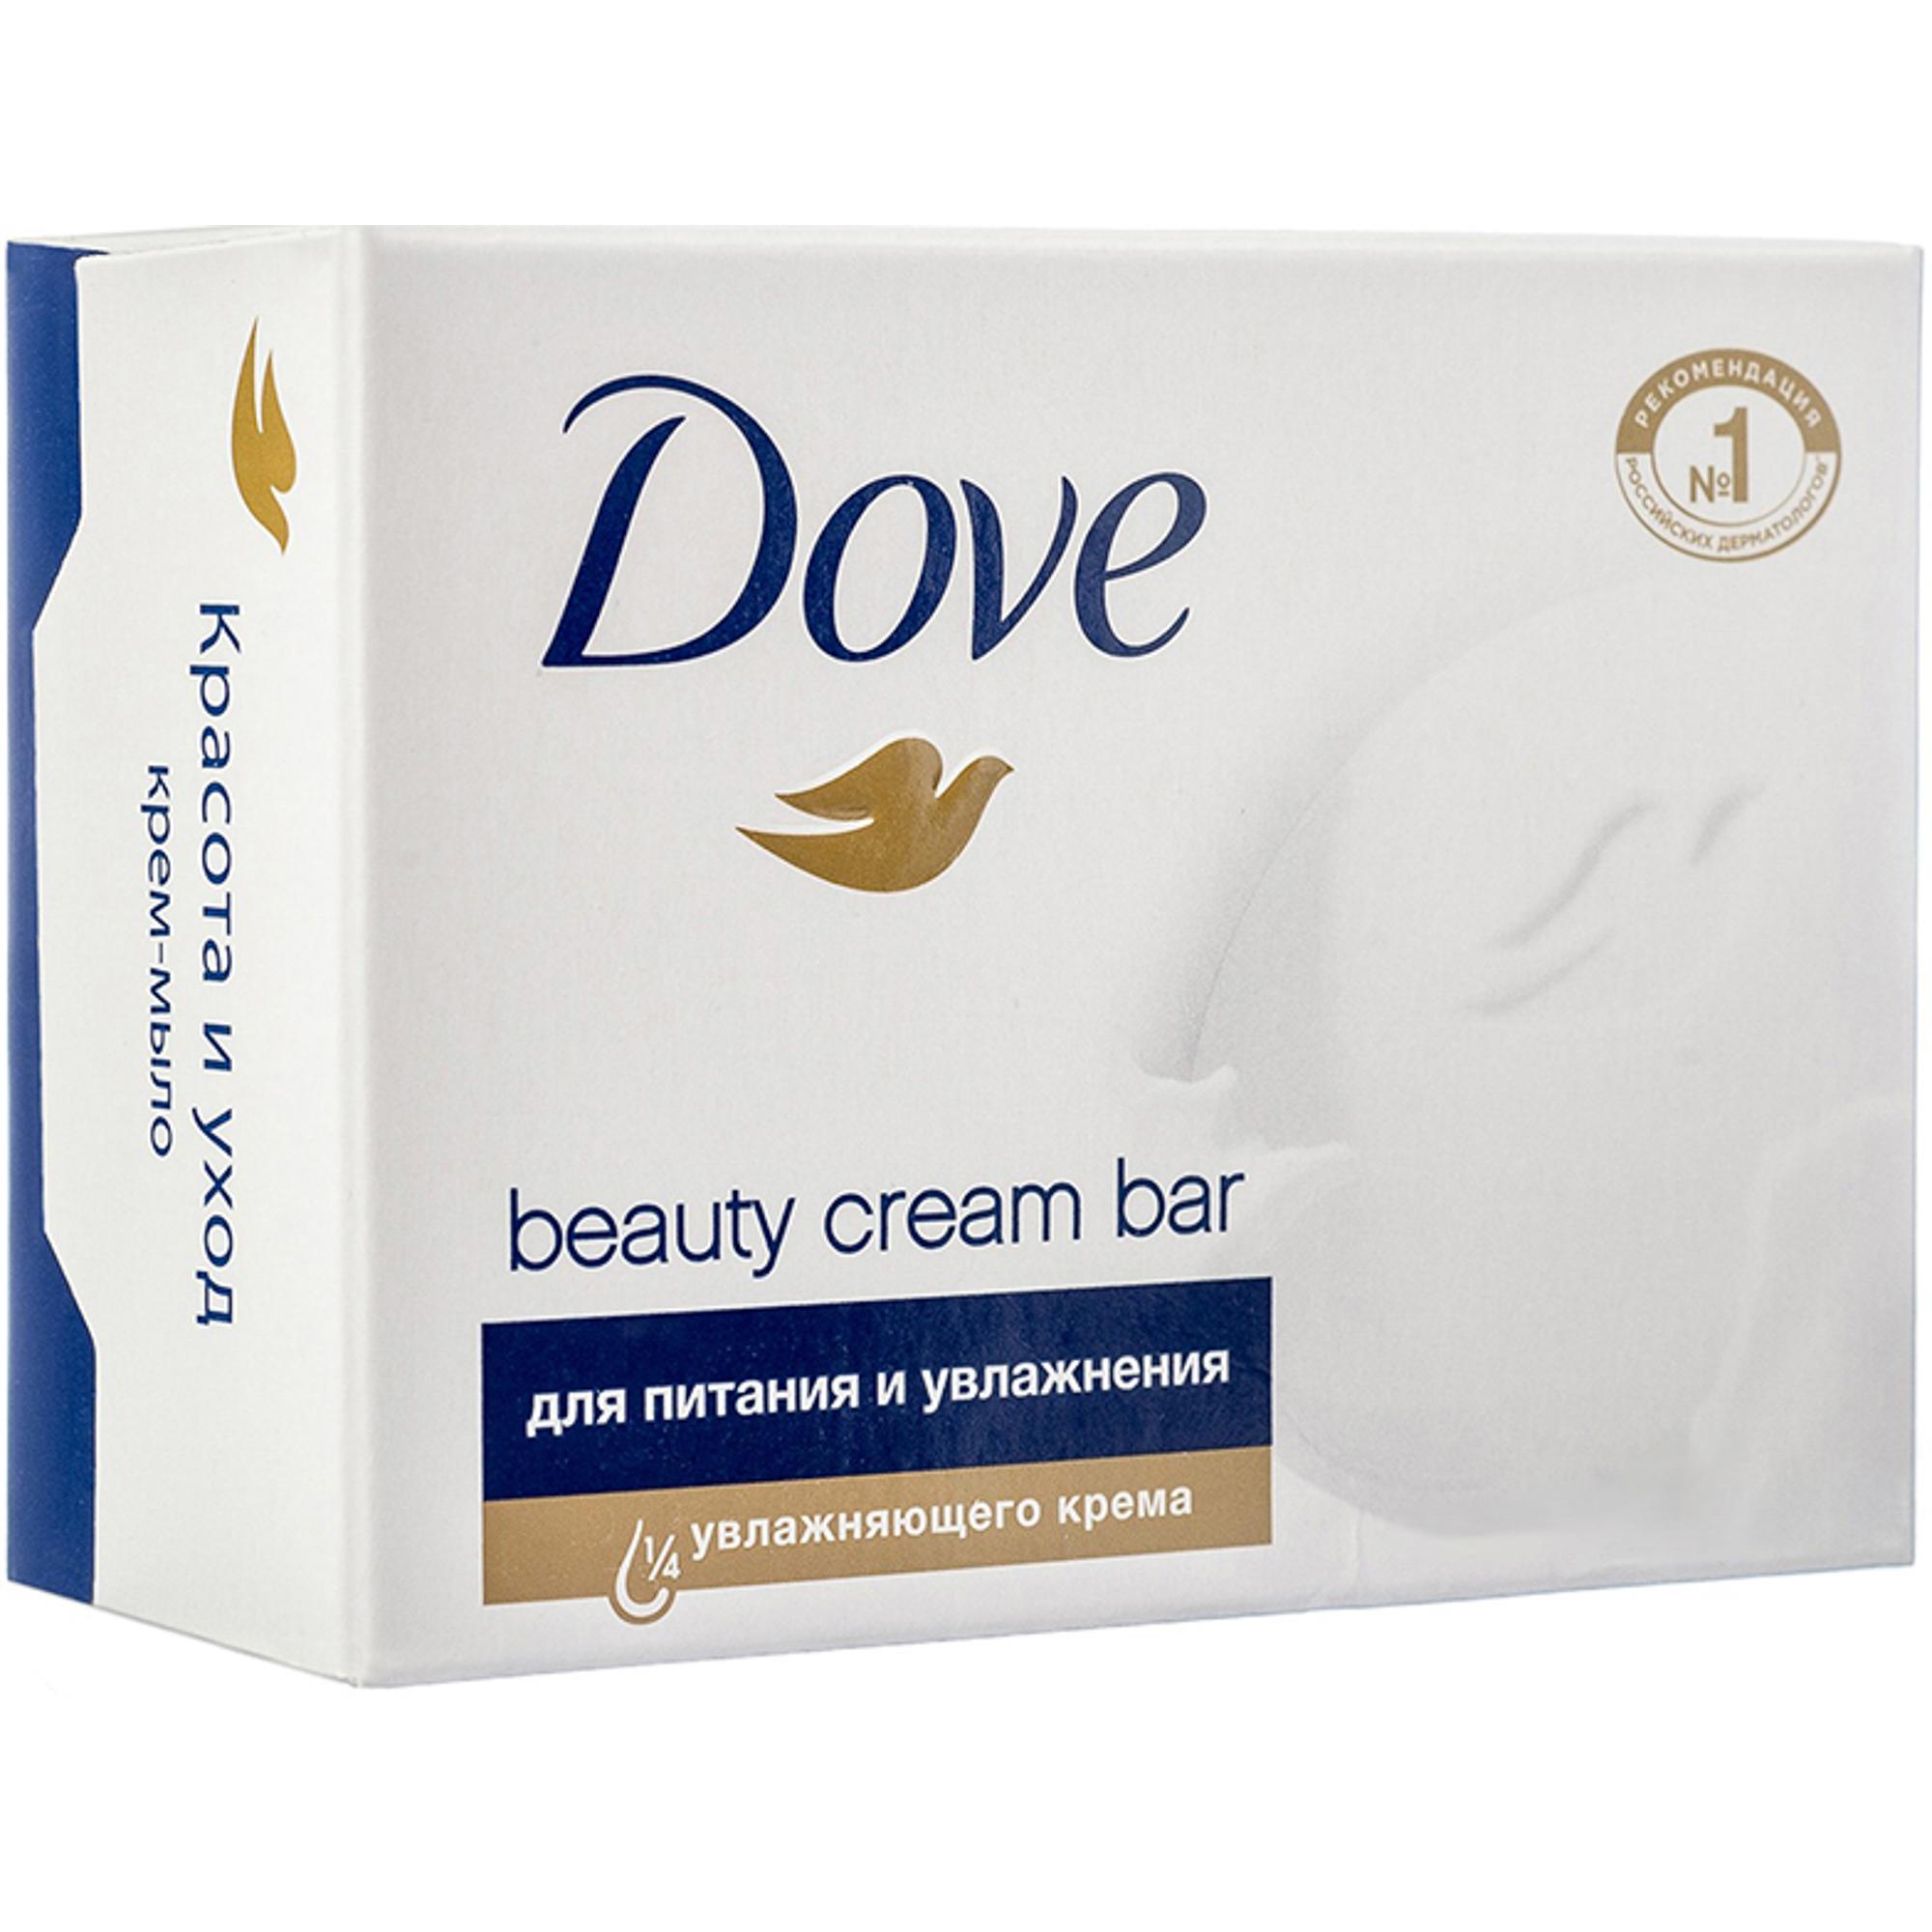 Крем-мыло Dove Красота и уход 135 г дав крем мыло красота и уход 135г dove